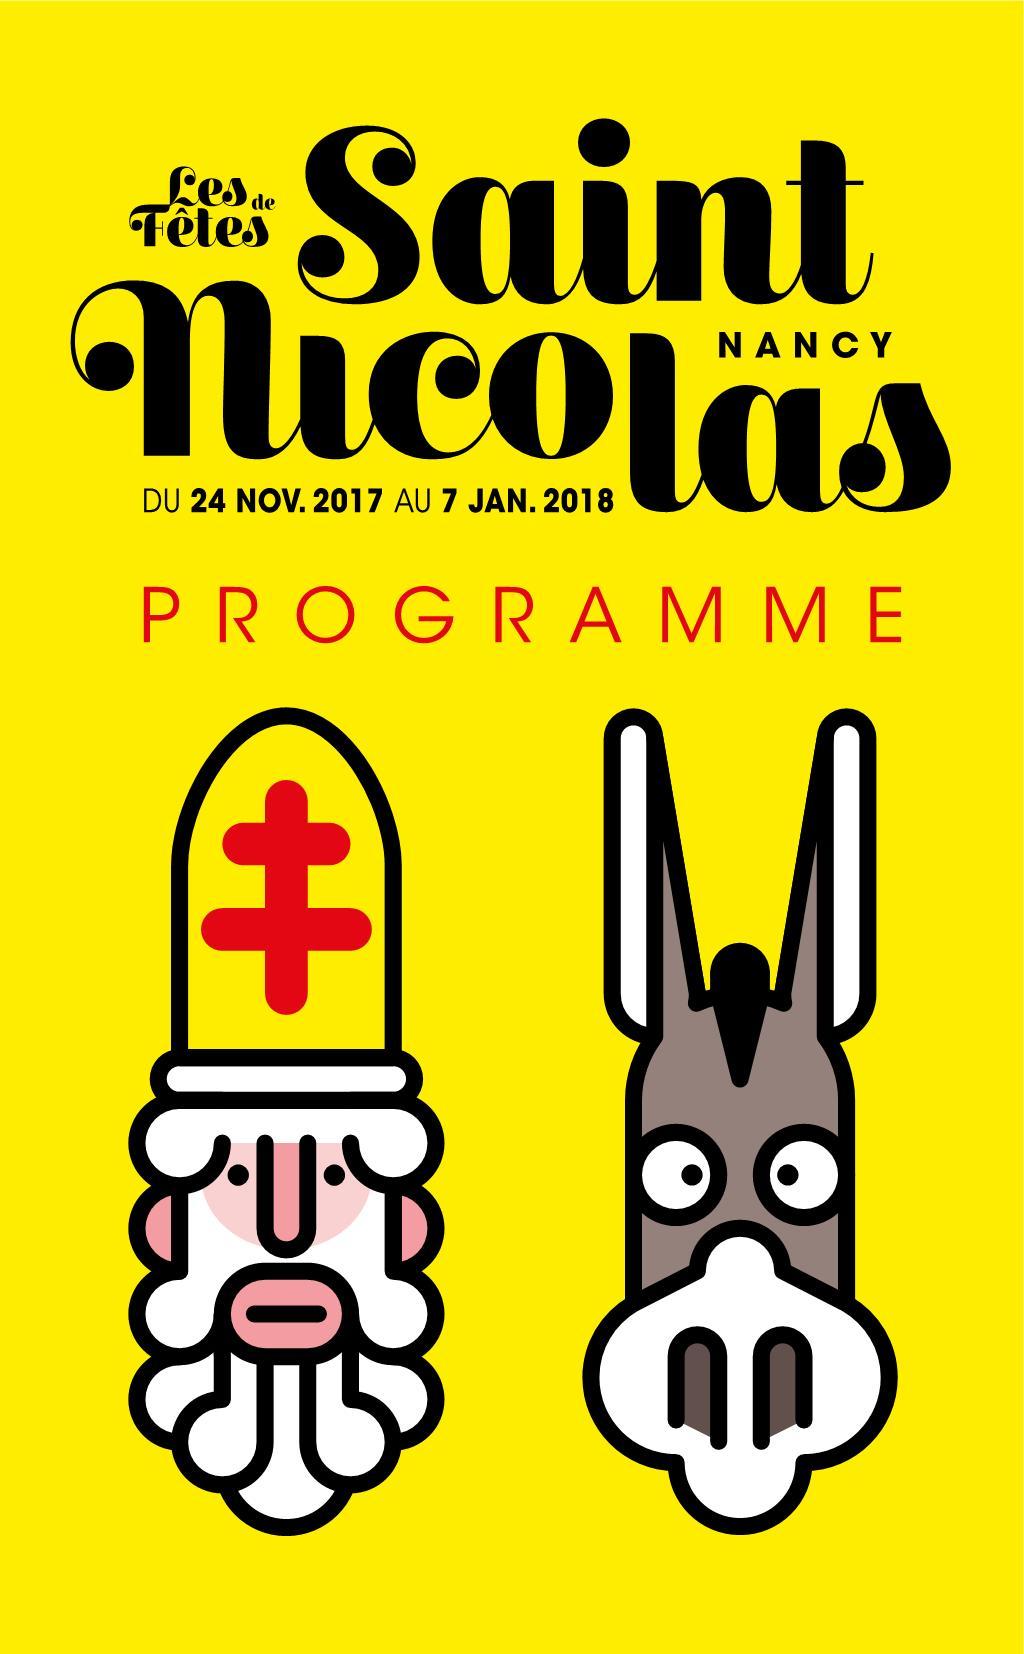 Programme Fêtes de Saint Nicolas Nancy 2017